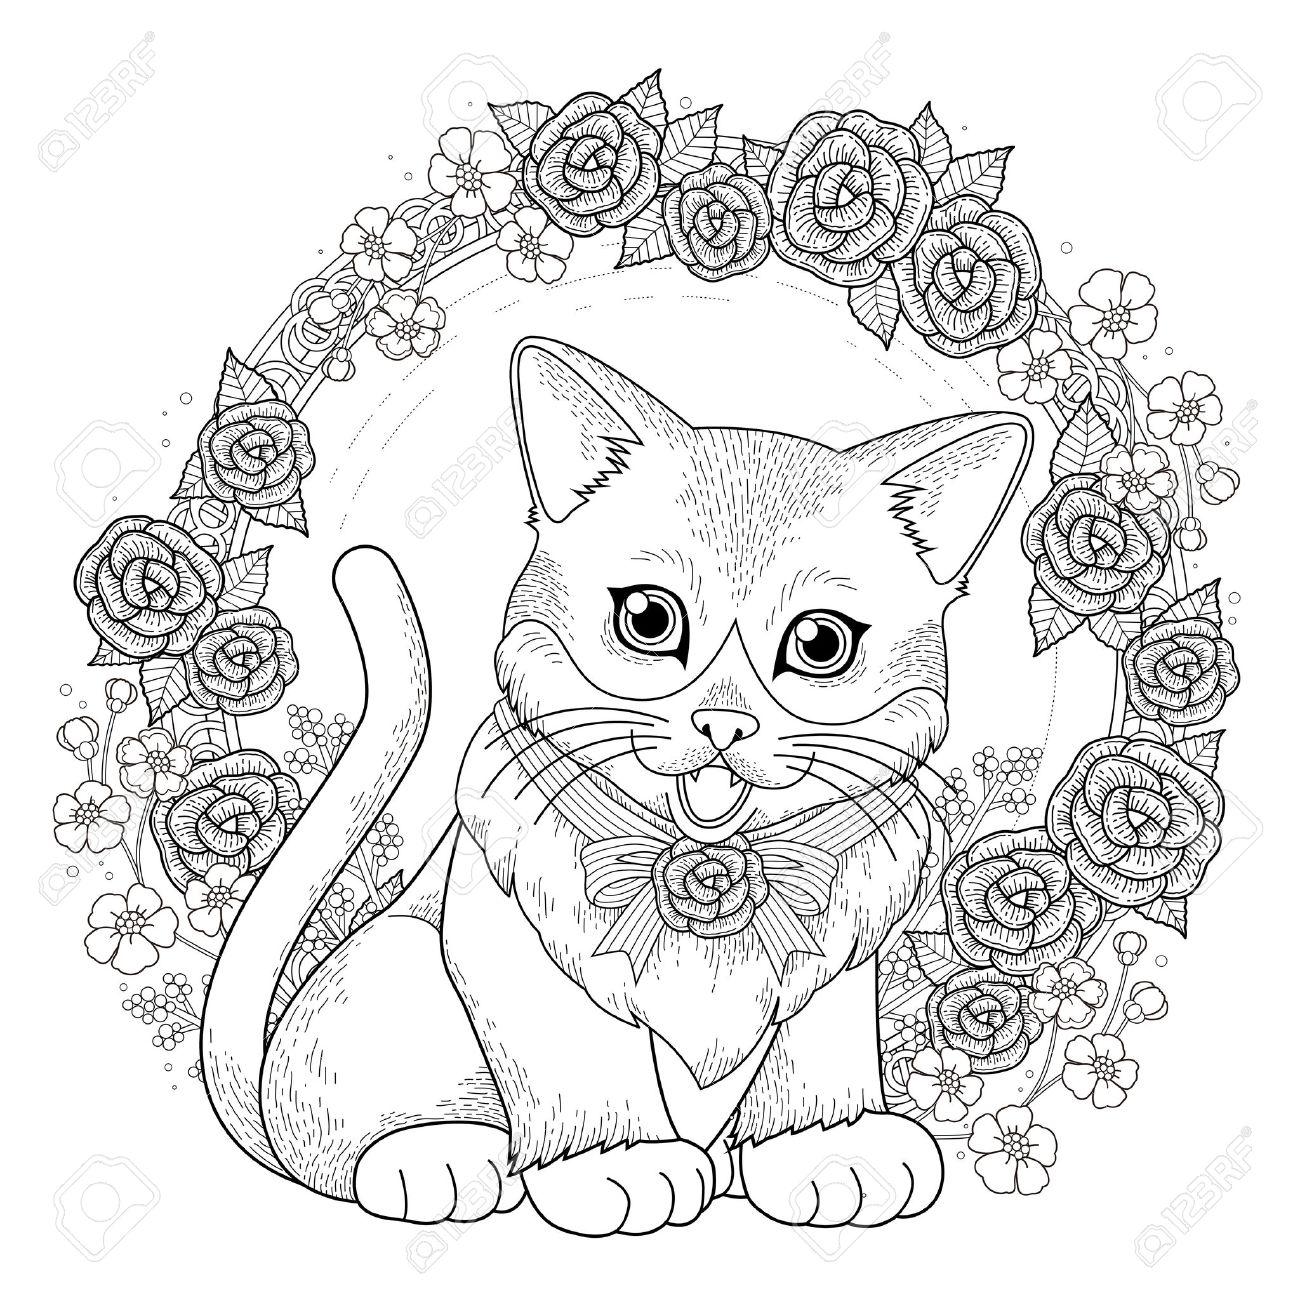 Adorable Gatito Para Colorear Con Corona De Flores En Línea ...